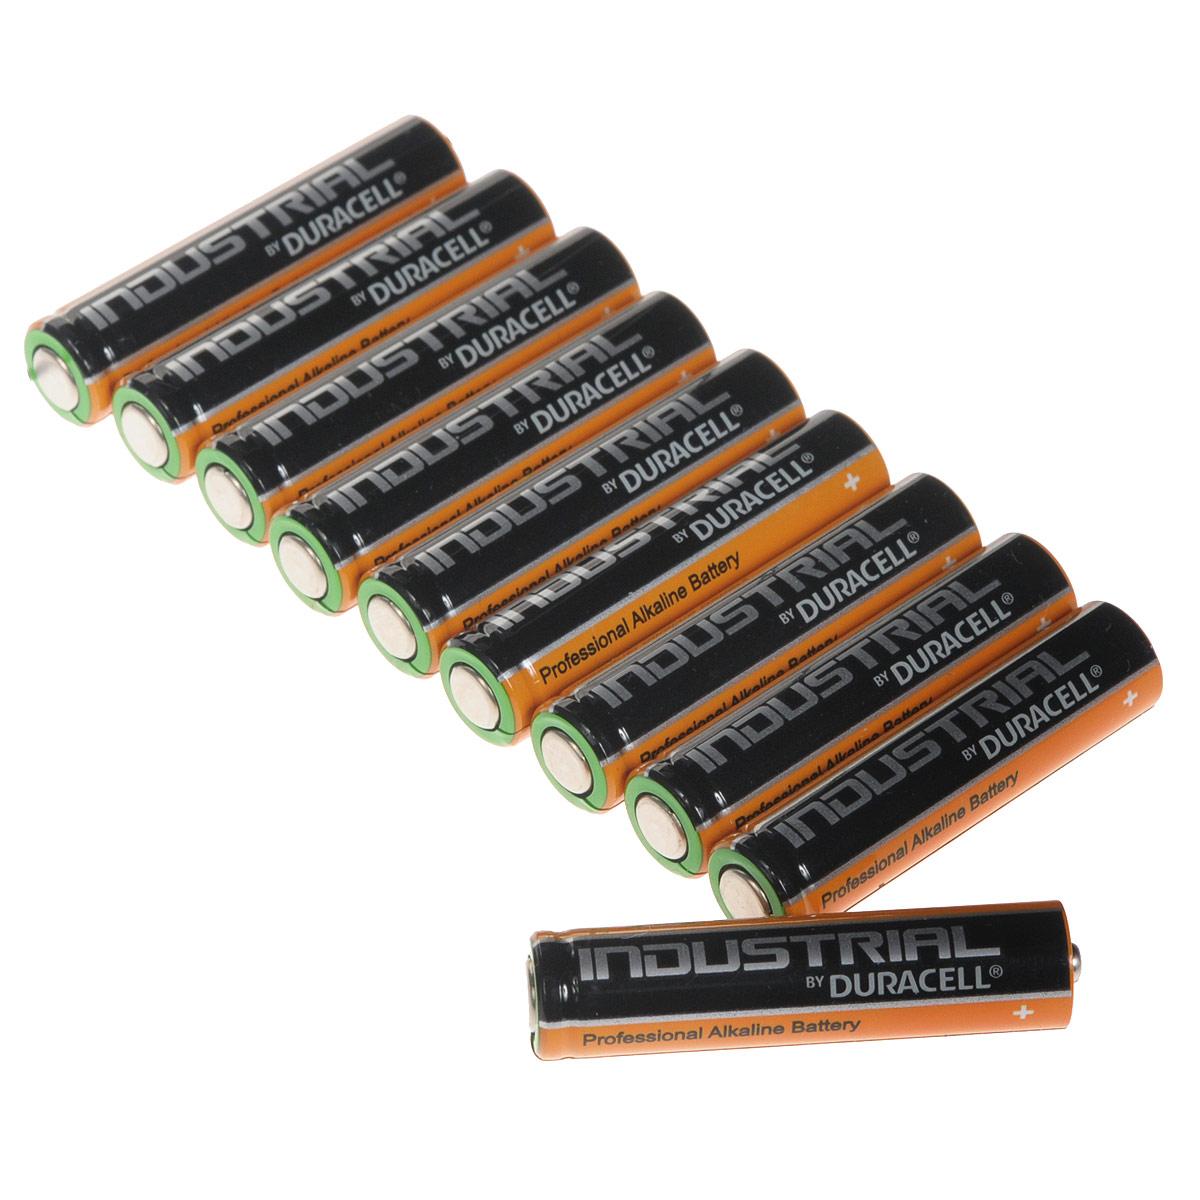 Набор алкалиновых батареек Duracell  Industrial , тип AAA, 10 шт - Батарейки и аккумуляторы